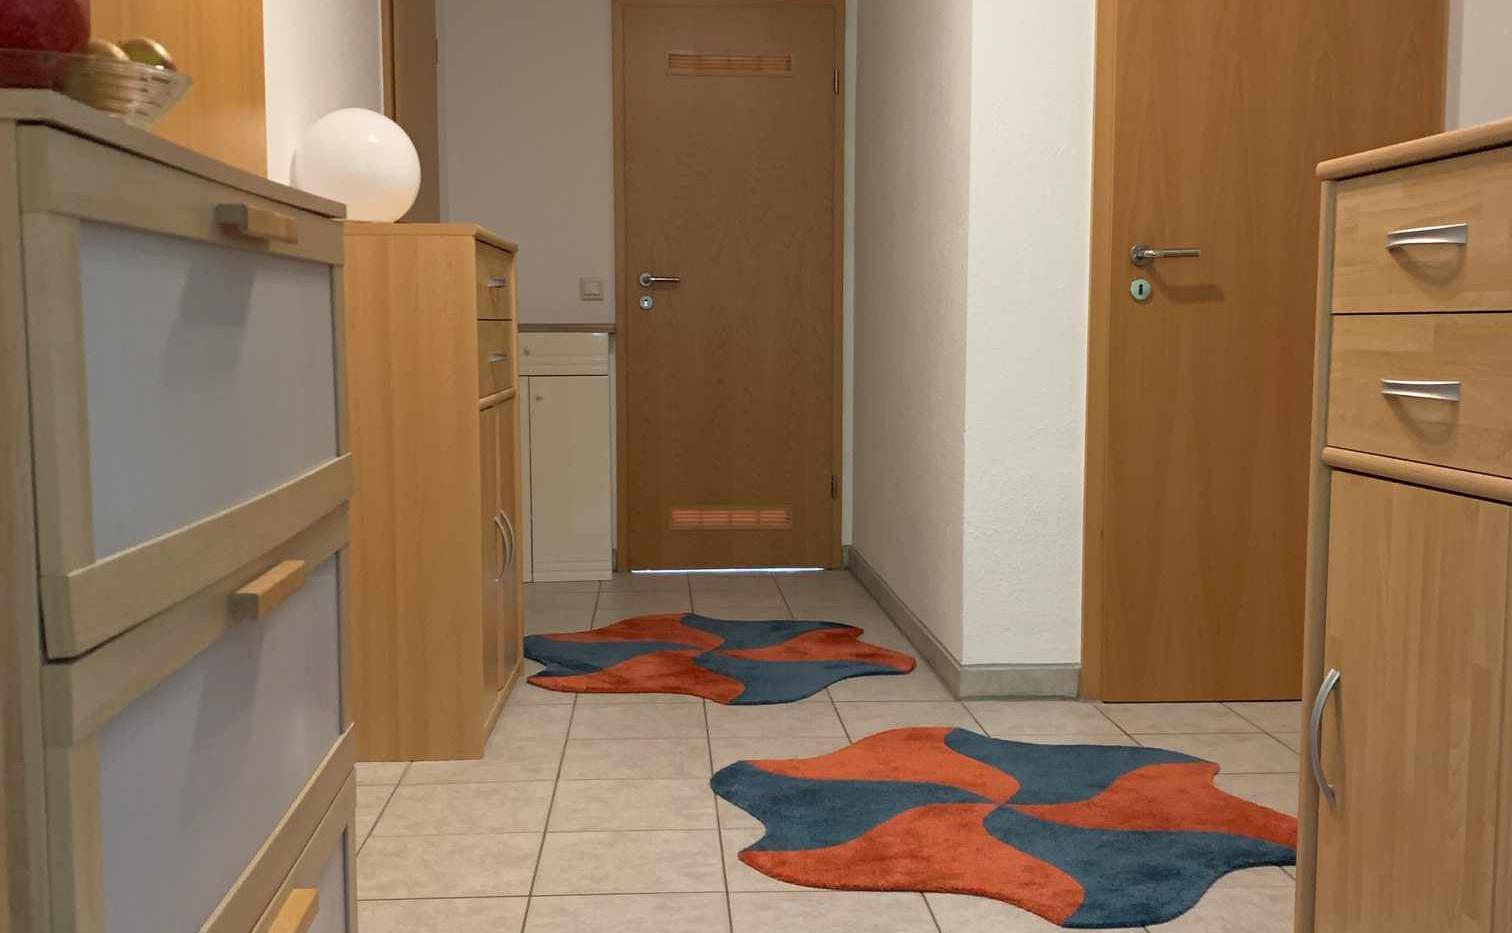 Wohnweisend_Immobilien_Flur2_WVME520HB.j